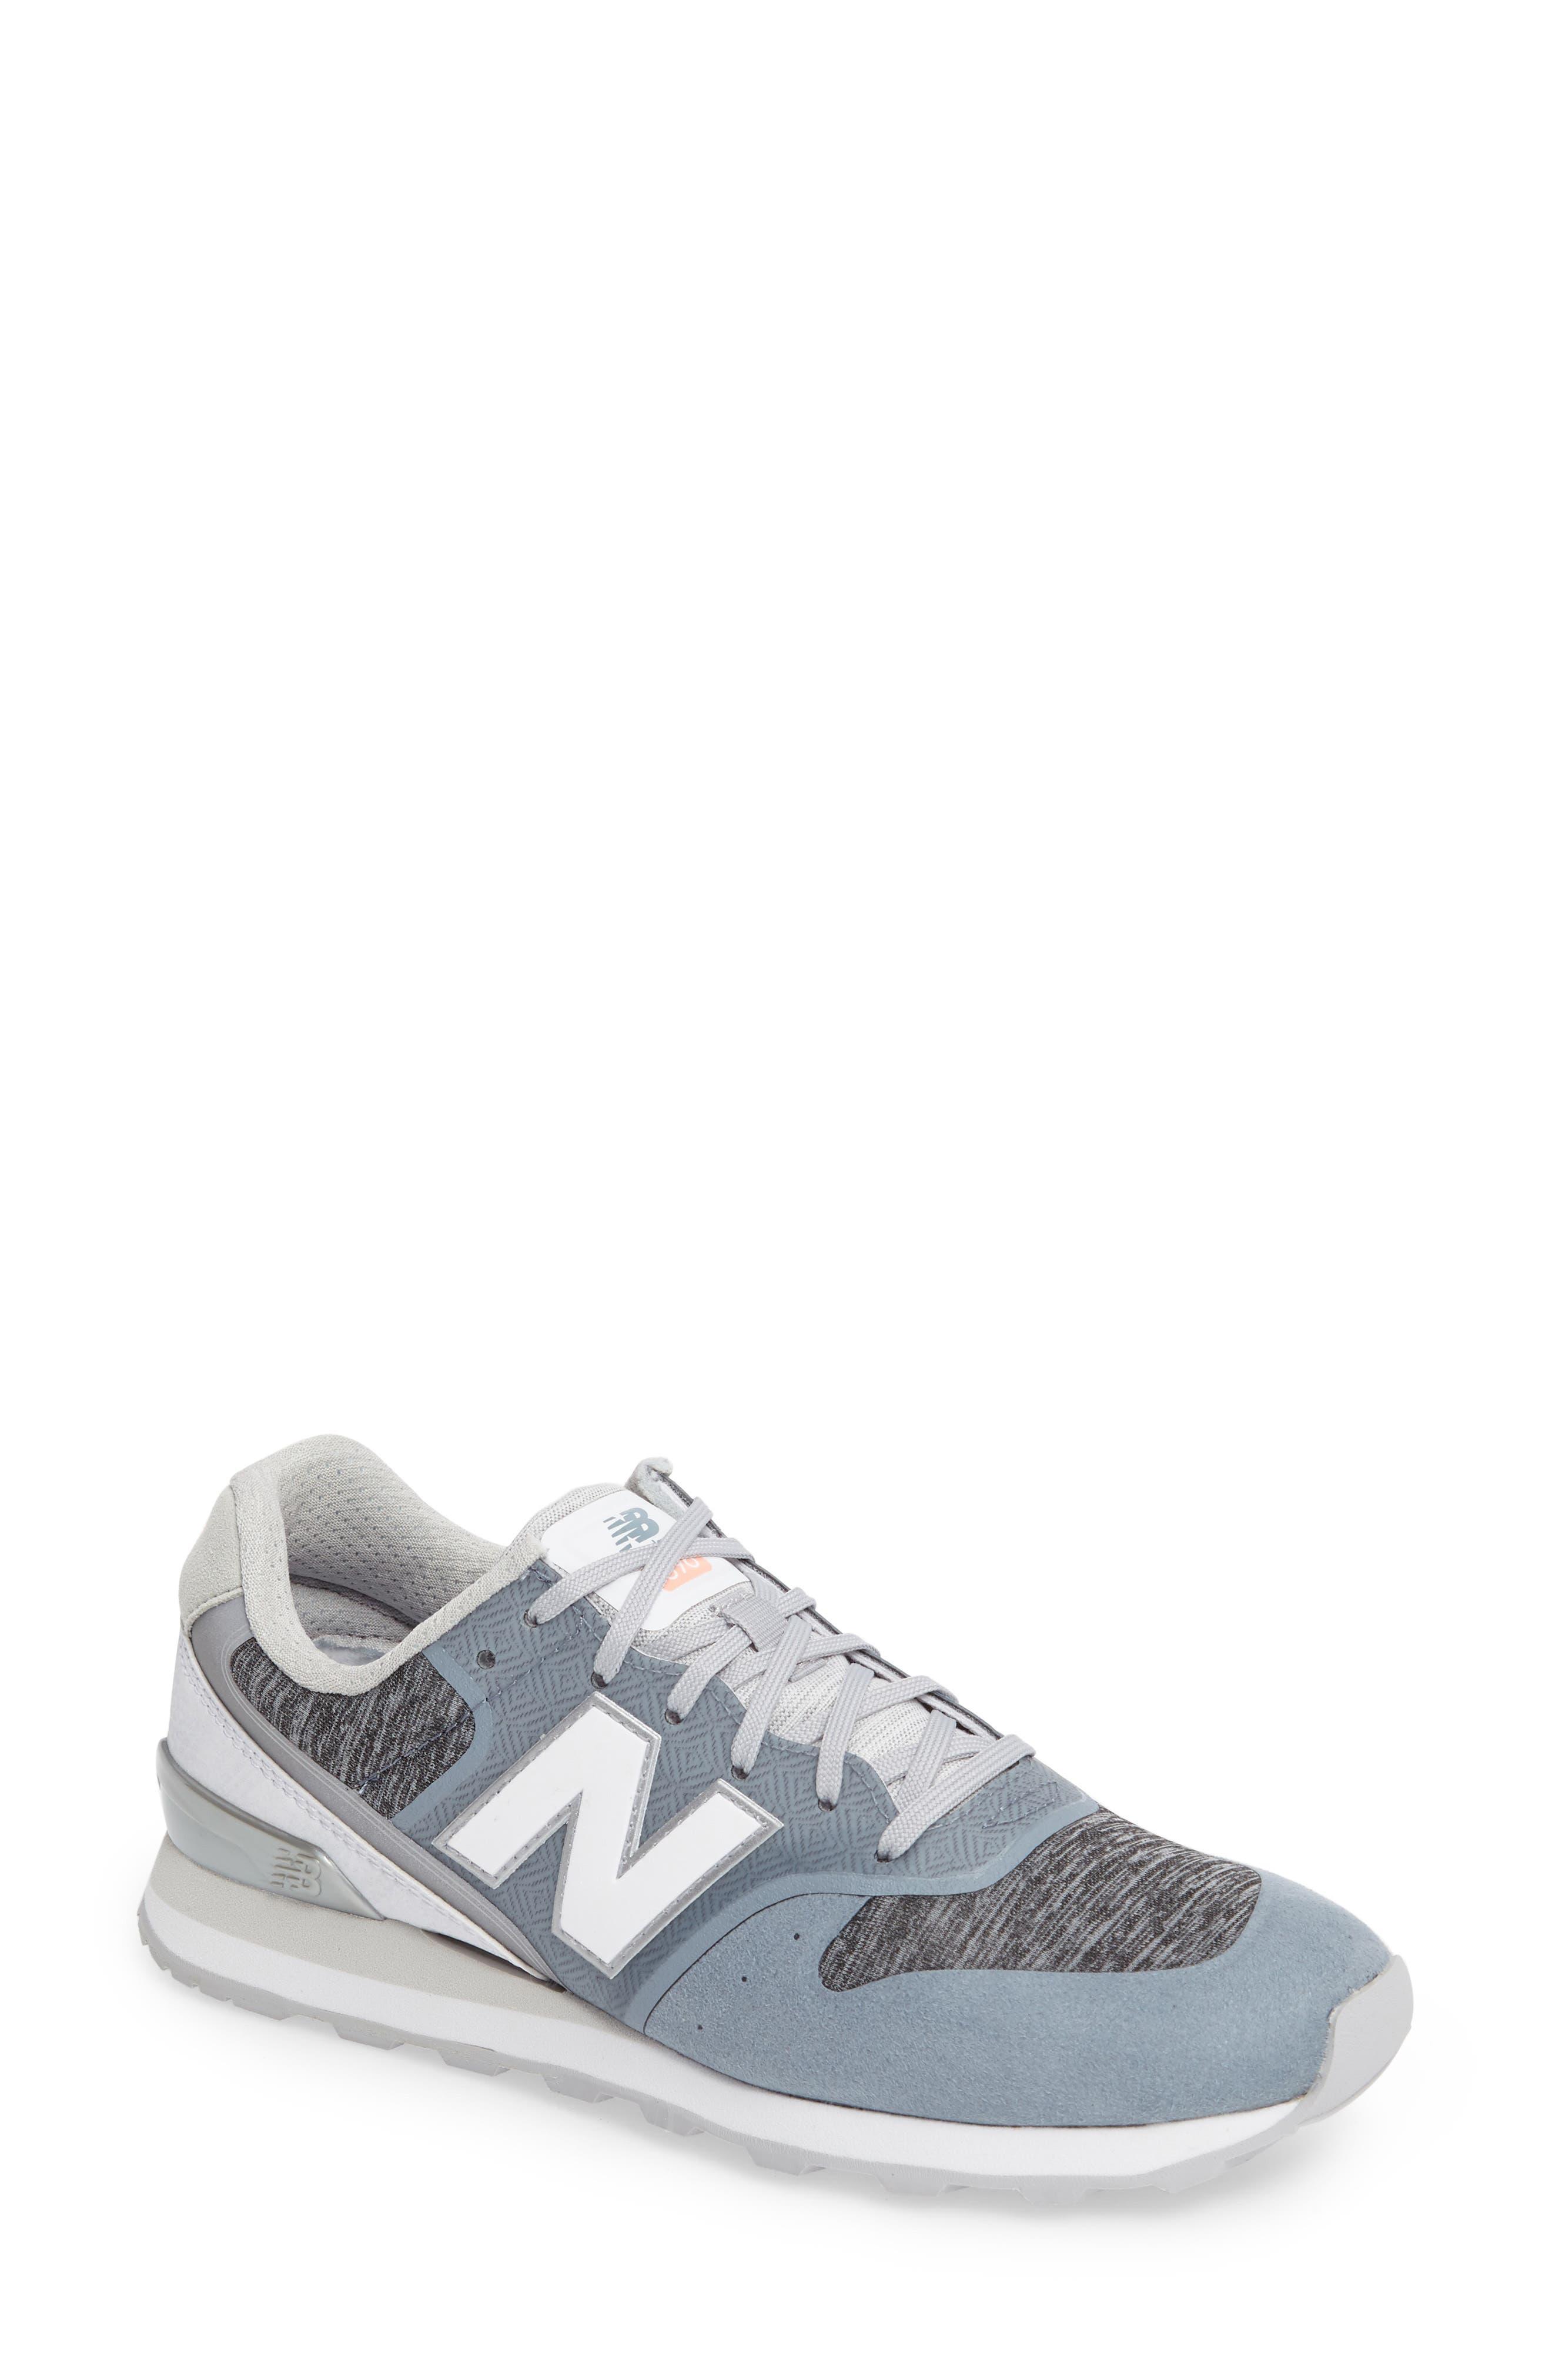 Main Image - New Balance 696 Re-Engineered Sneaker (Women)